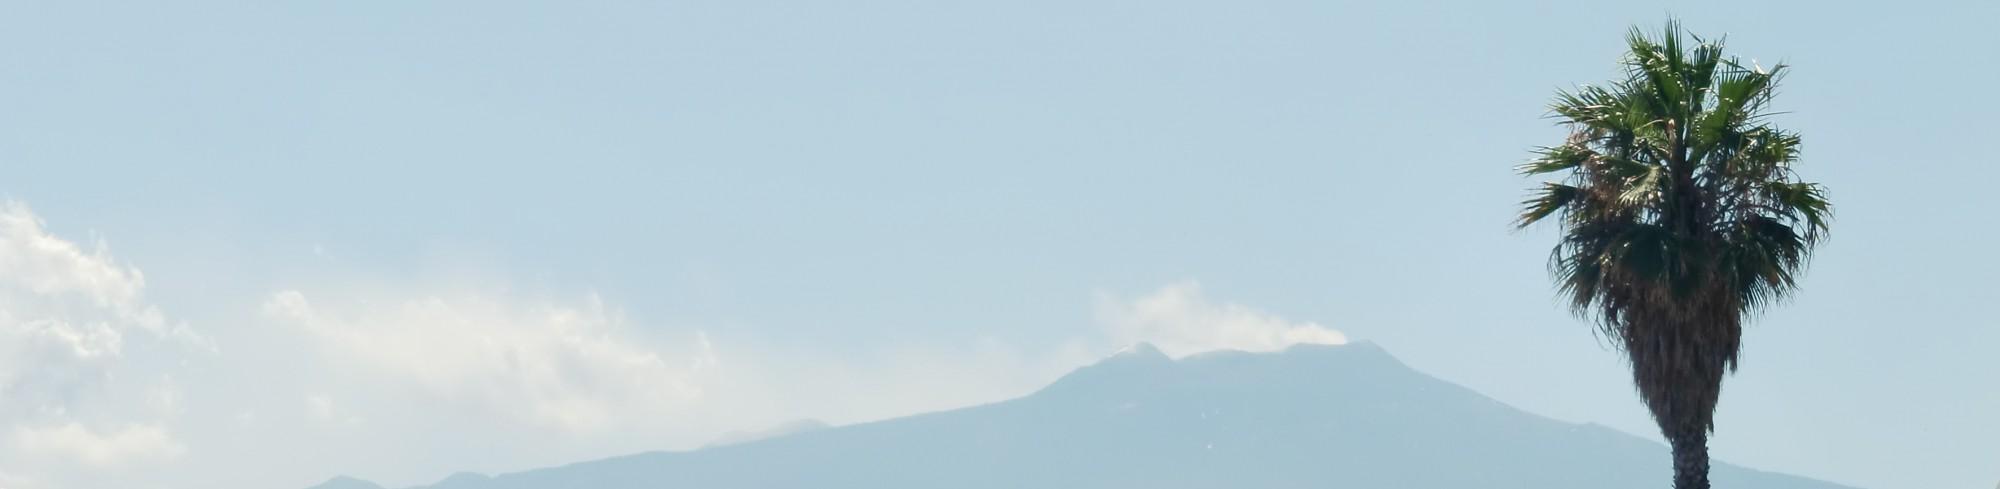 Appartamenti Taormina Mare – Sicilia